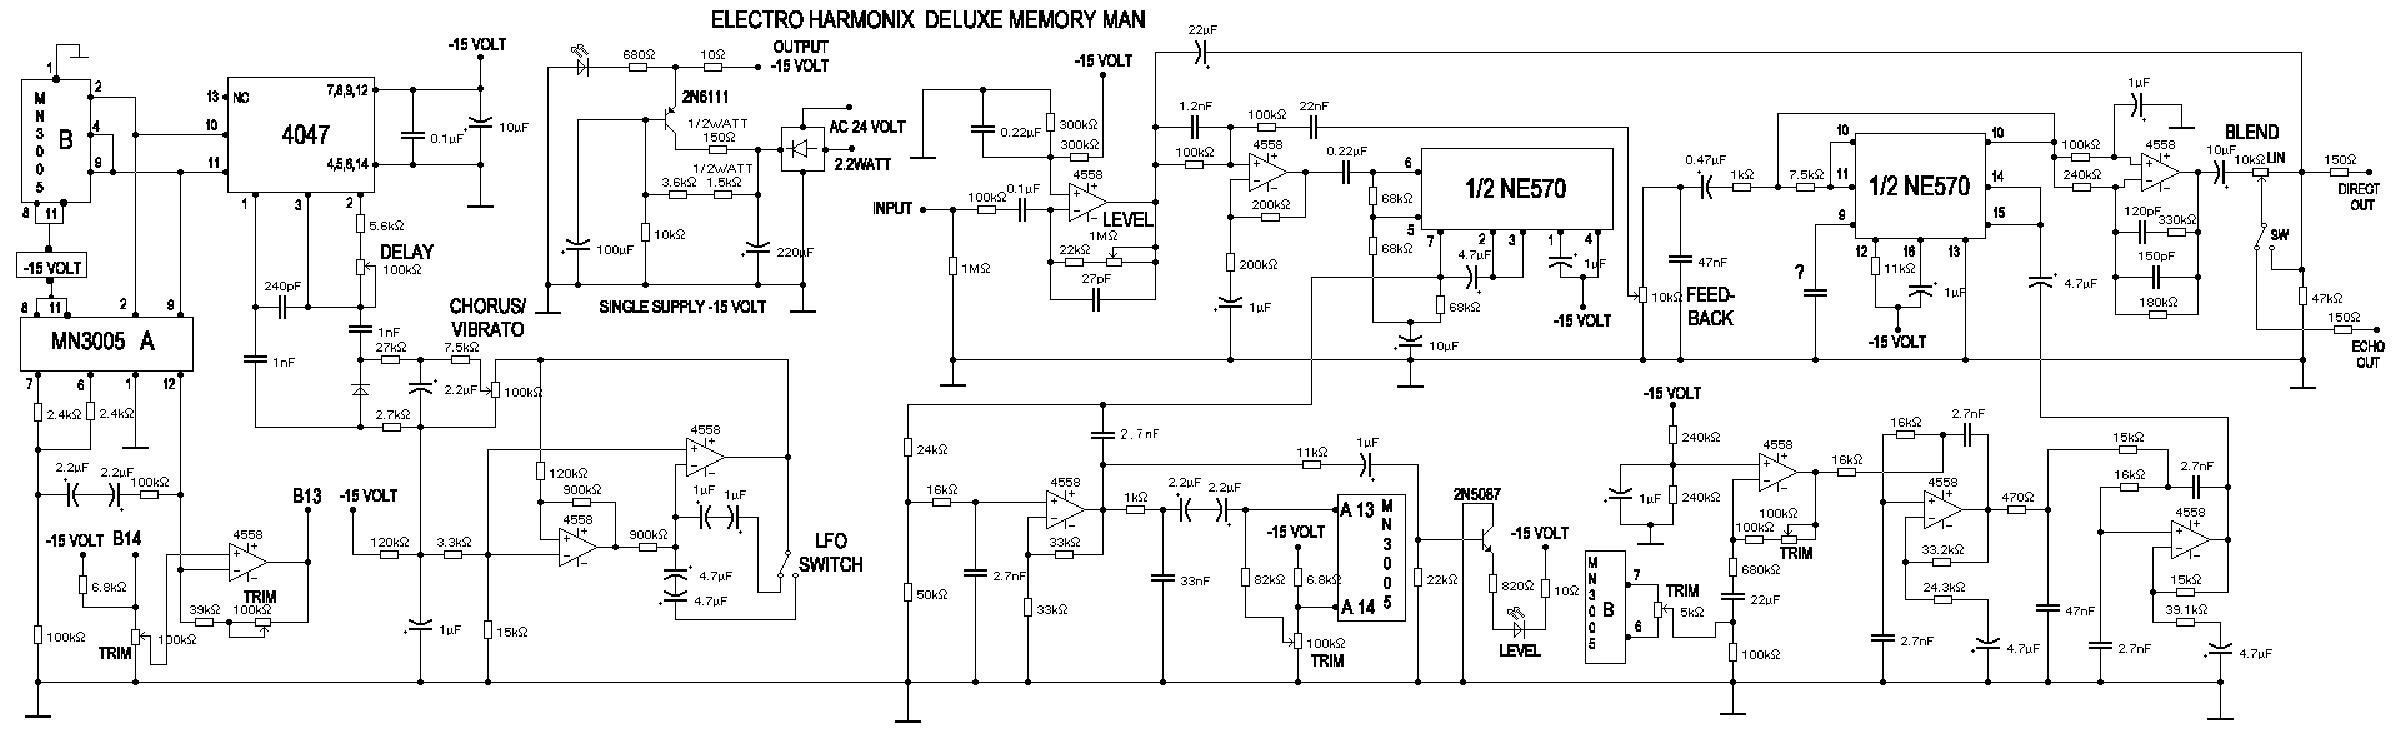 ELECTRO-HARMONIX DELUXE MEMORYMAN DELAY SCH service manual (1st page)